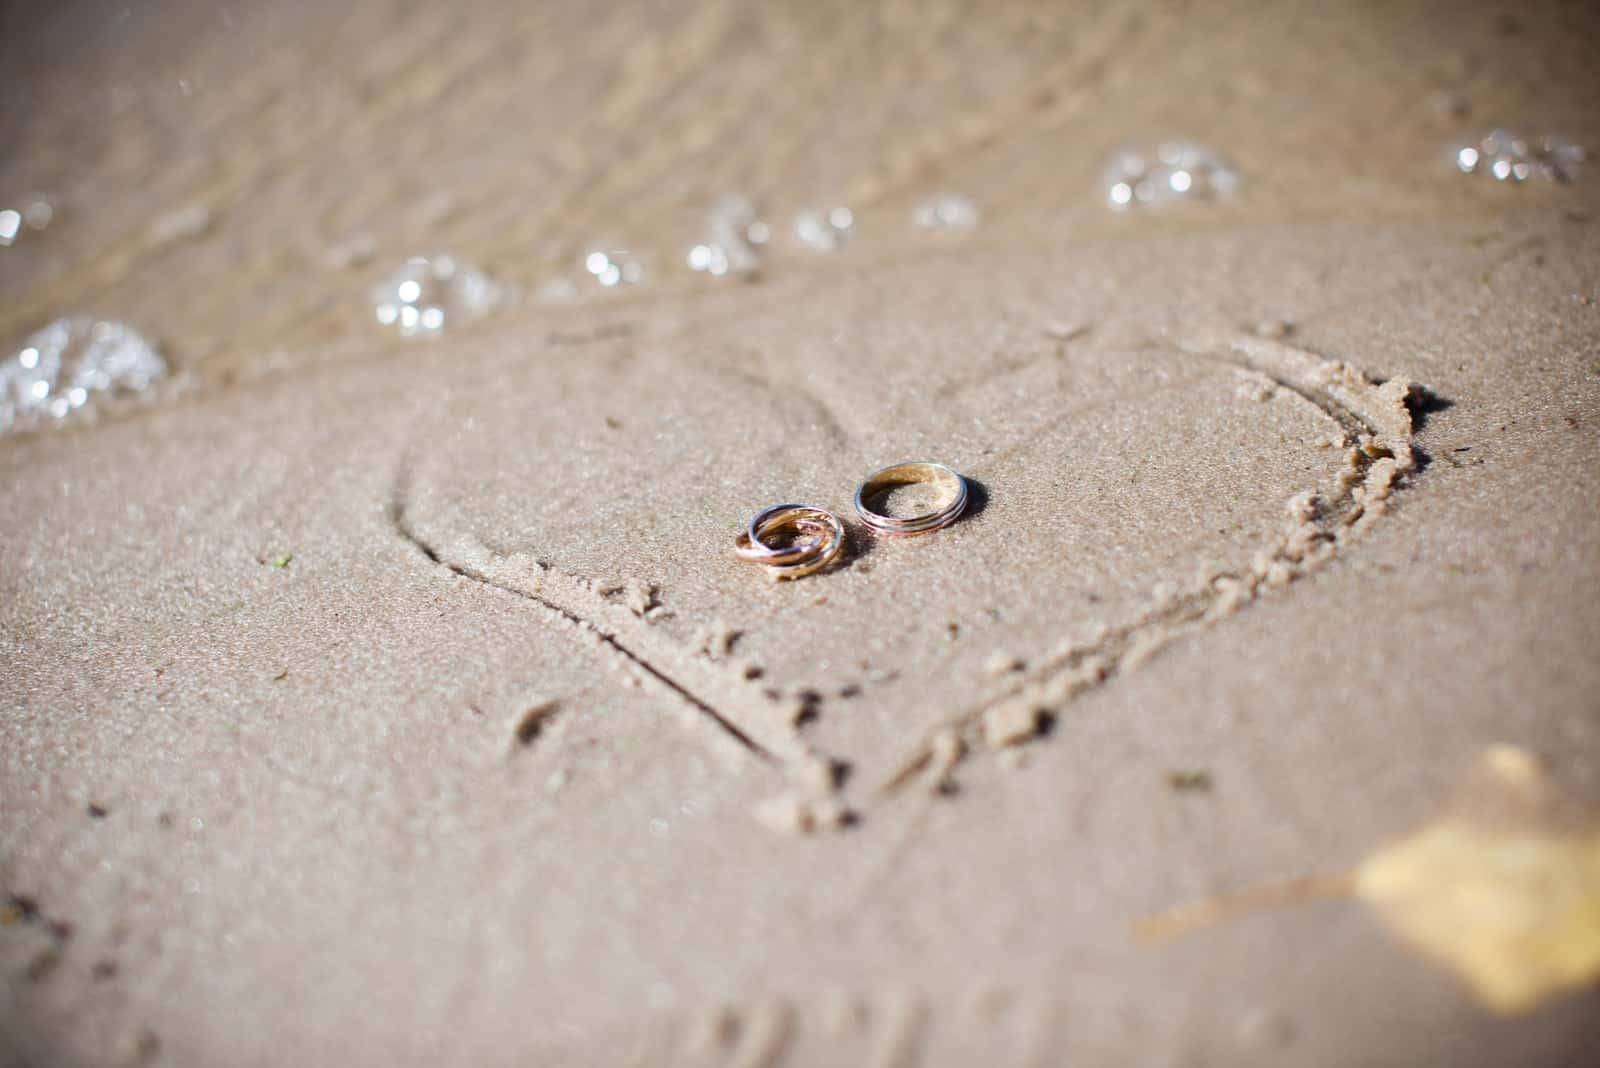 Hochzeit im Sand am Strand